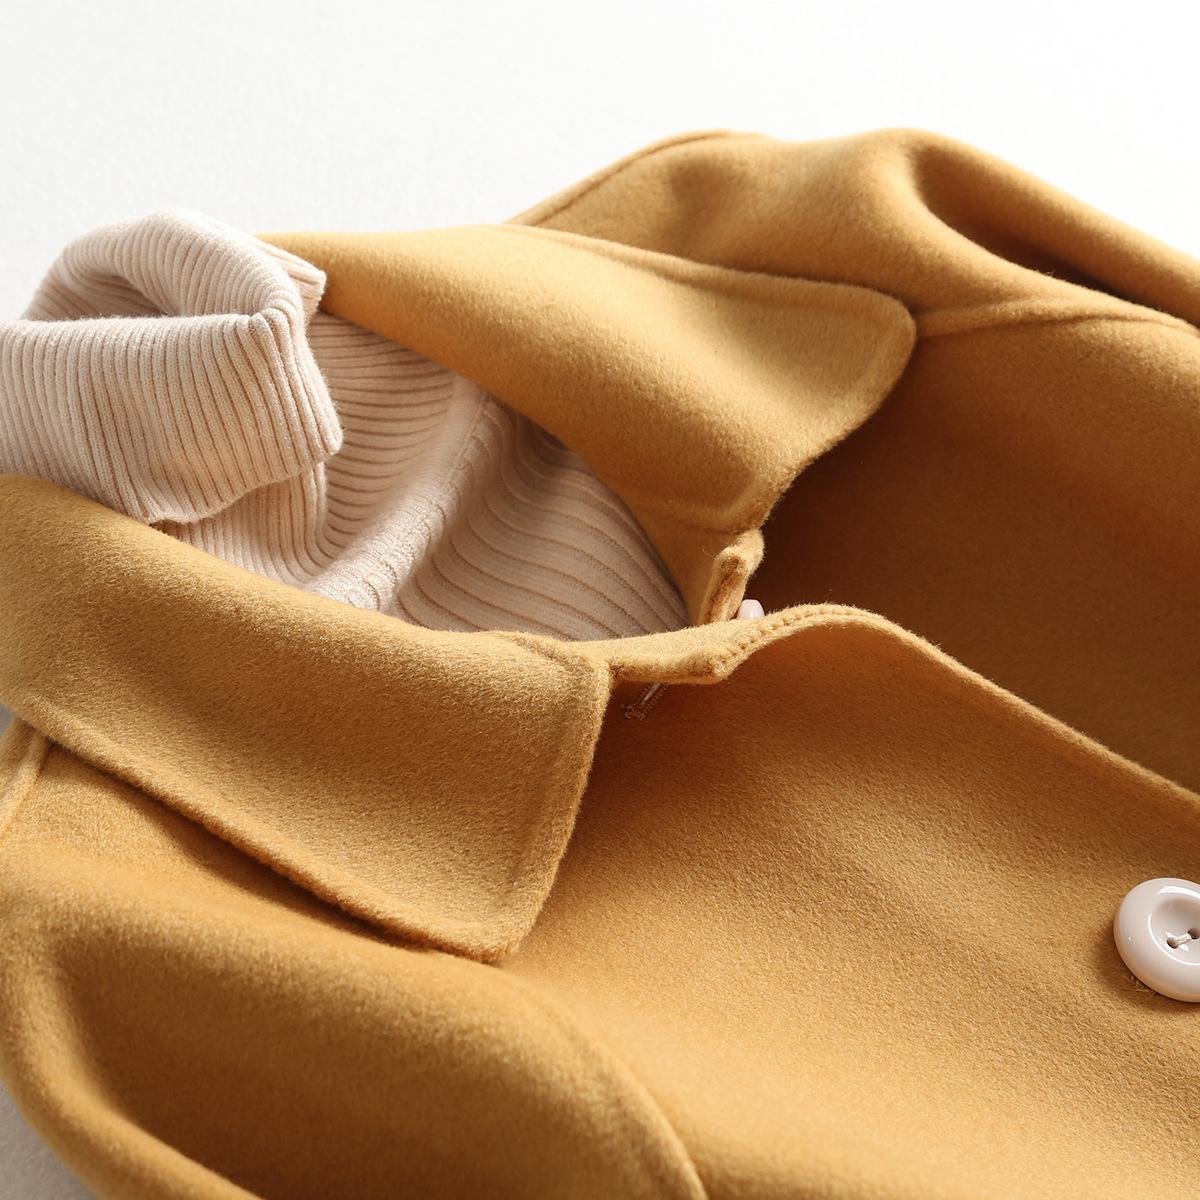 Tempérament jaune Longue Fonds Double face Cachemire Manteau Littérature japonaise Vent Une poupée plomb Manuel manteaux de laine femme Loose Livraison gratuite